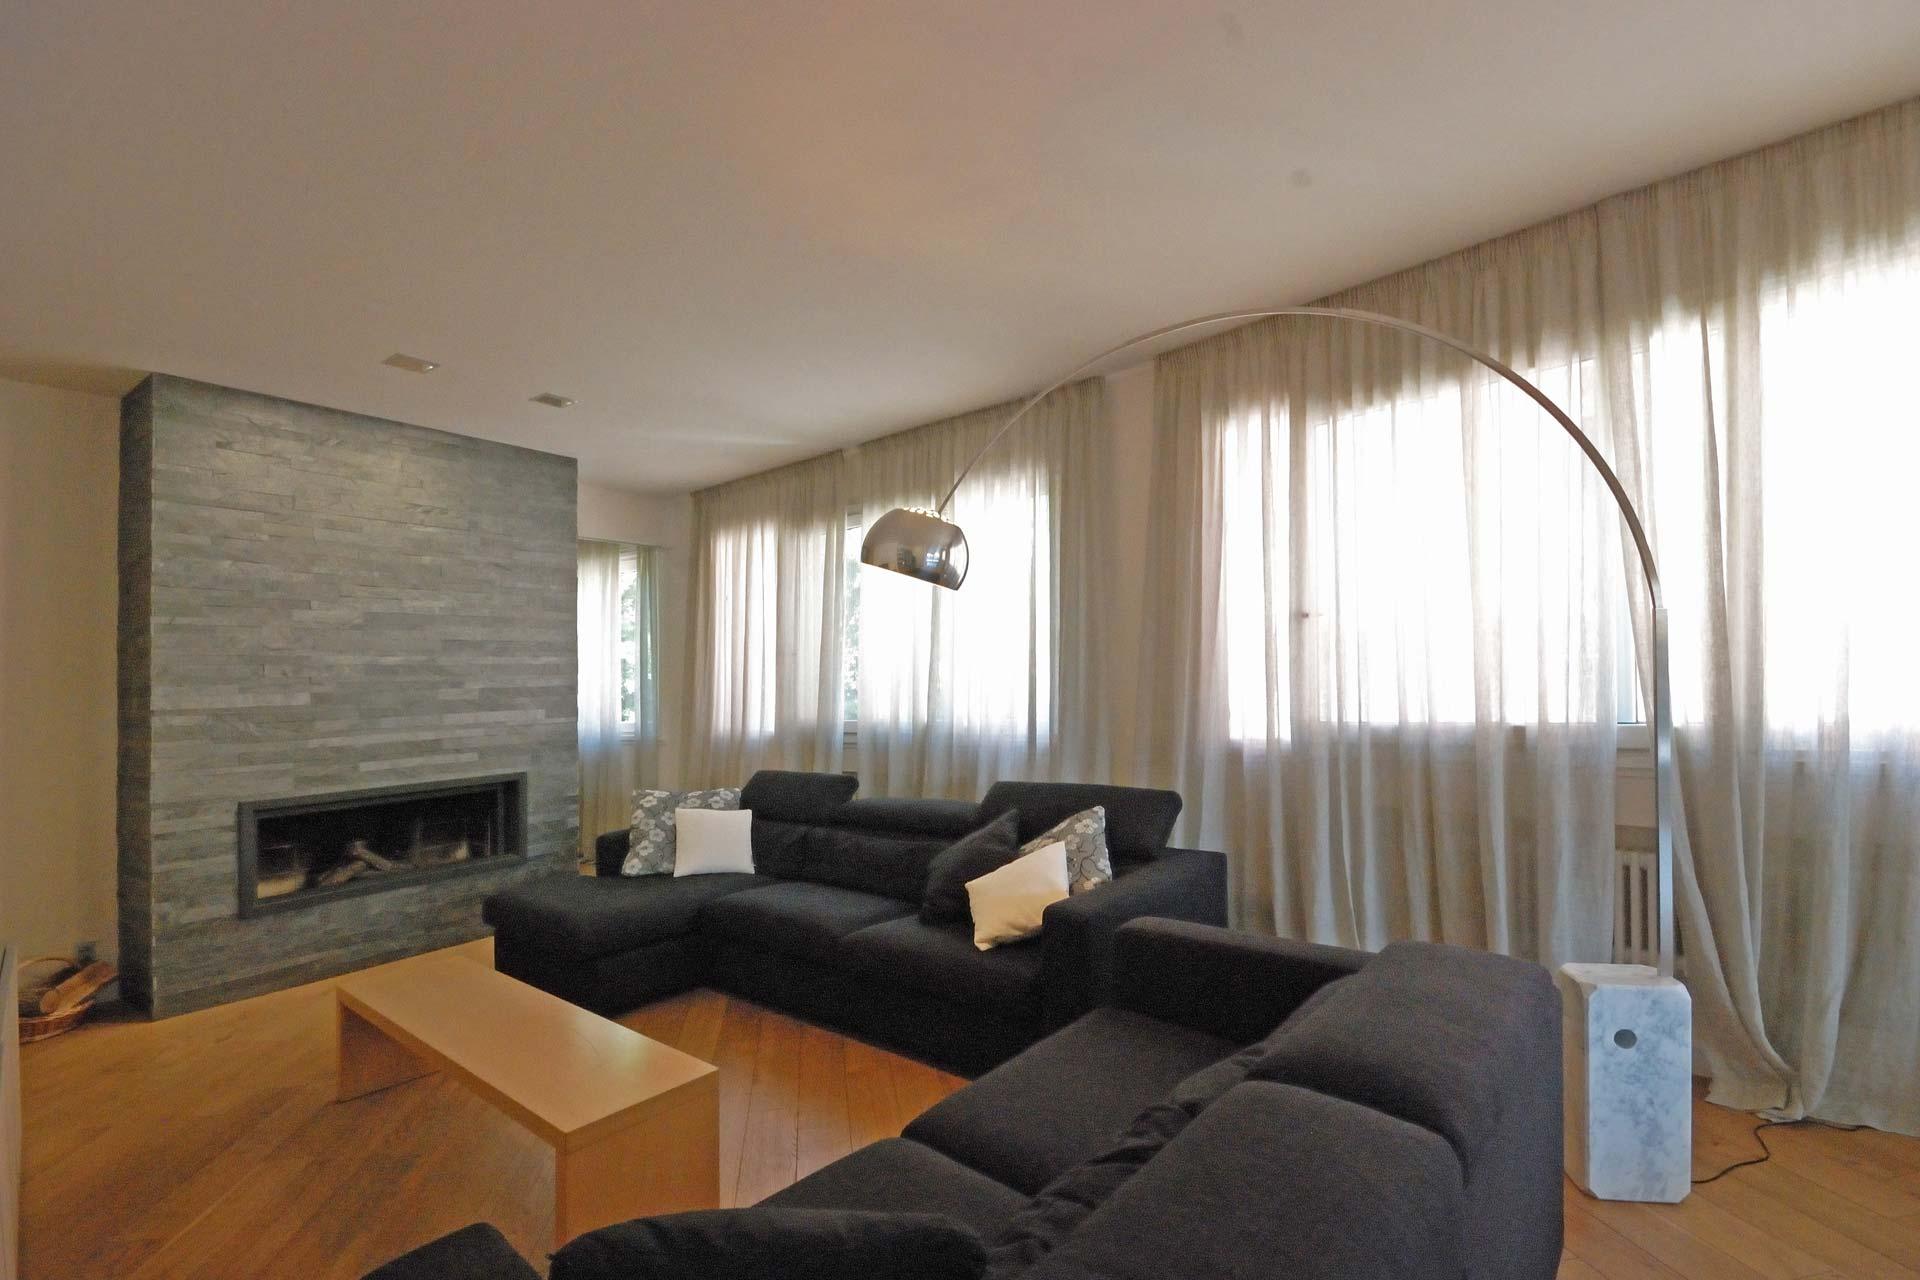 Roberto Silvestri Architetto di interni, Ristrutturazione di un a casa per una famiglia a Roma